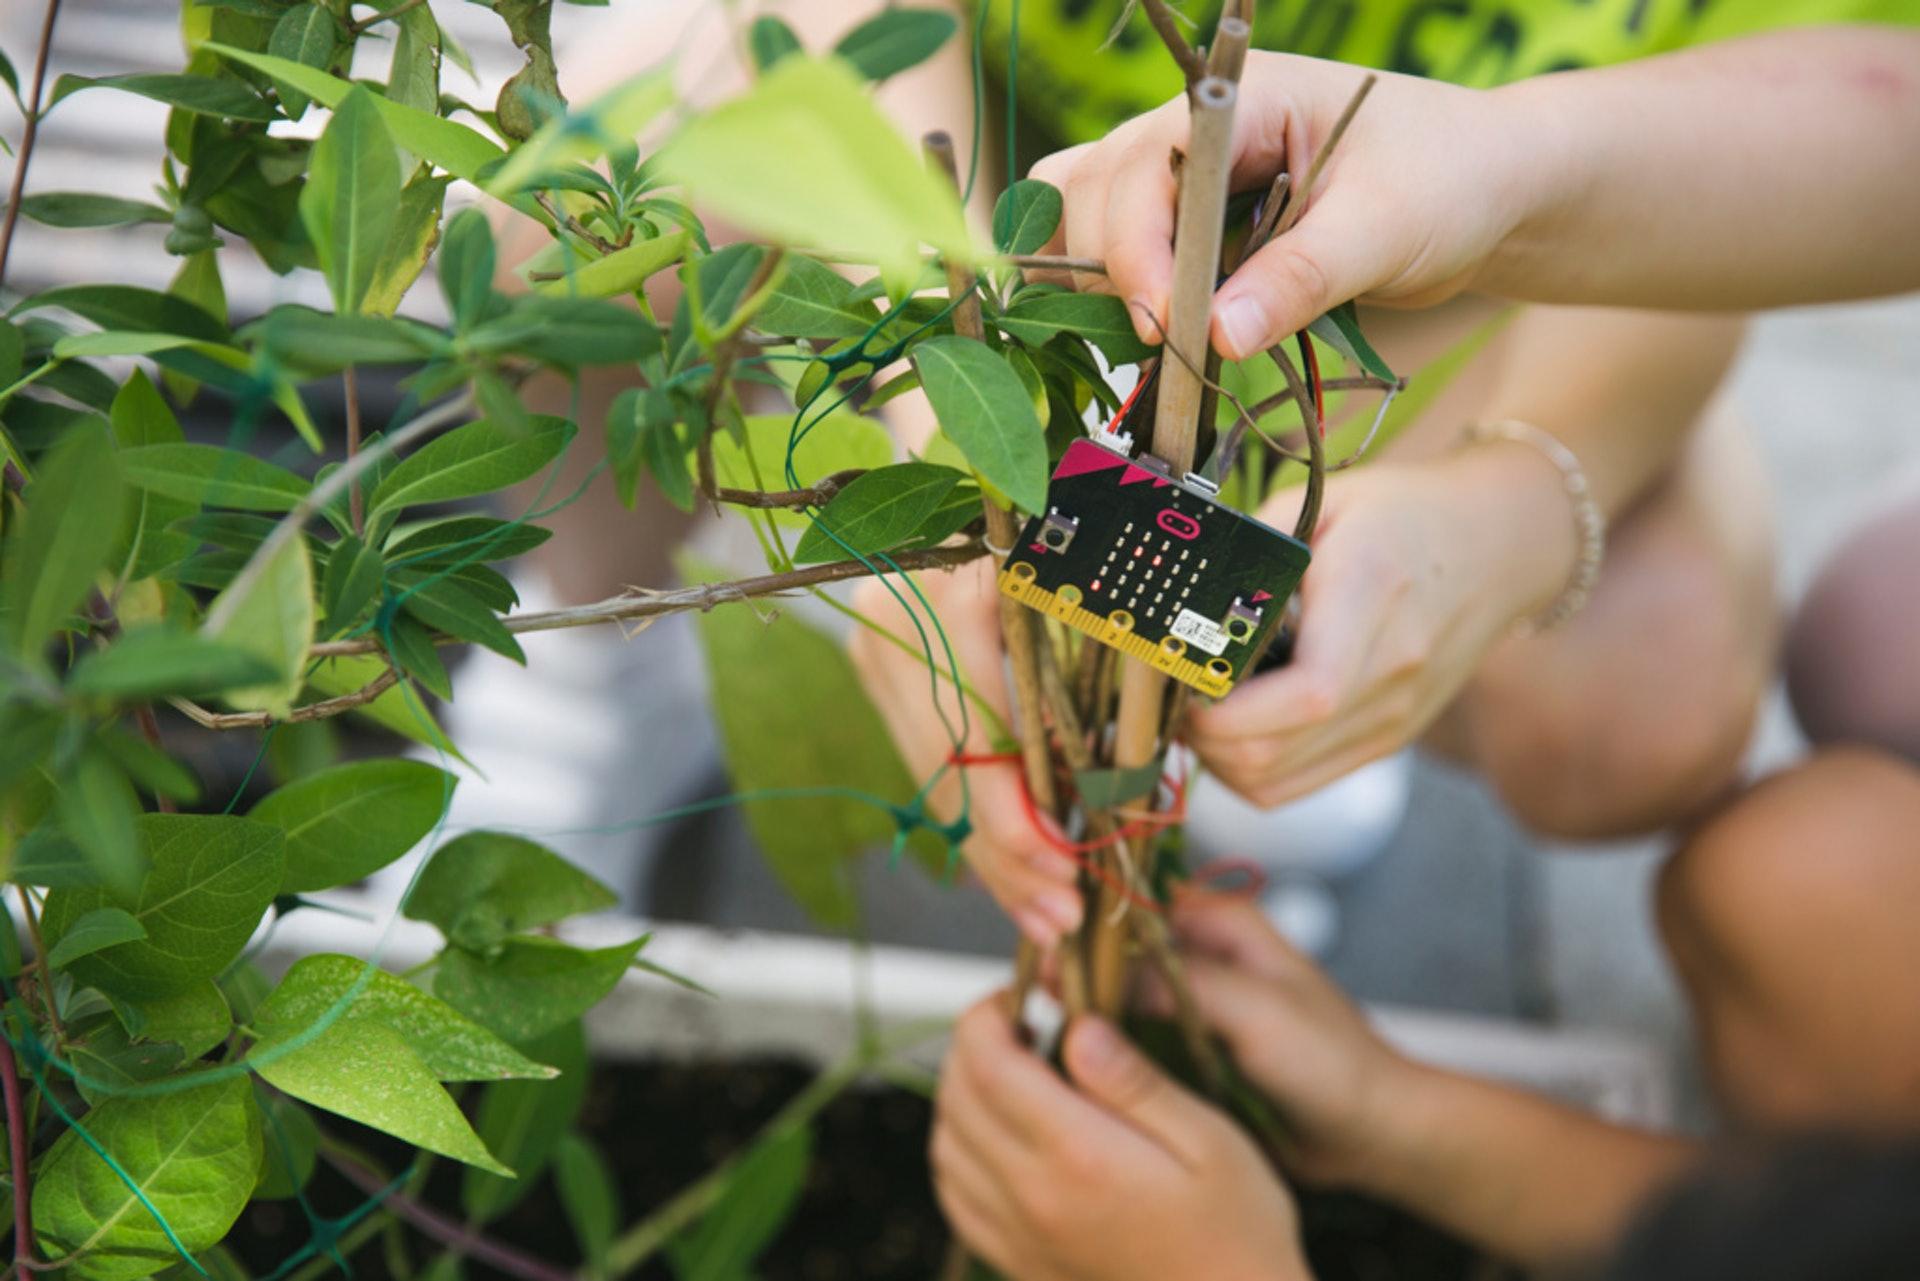 無論怎樣拍打大樹,裝置仍然無法感知,這次他們將裝置放到灌木上再試。(黃寶瑩攝)